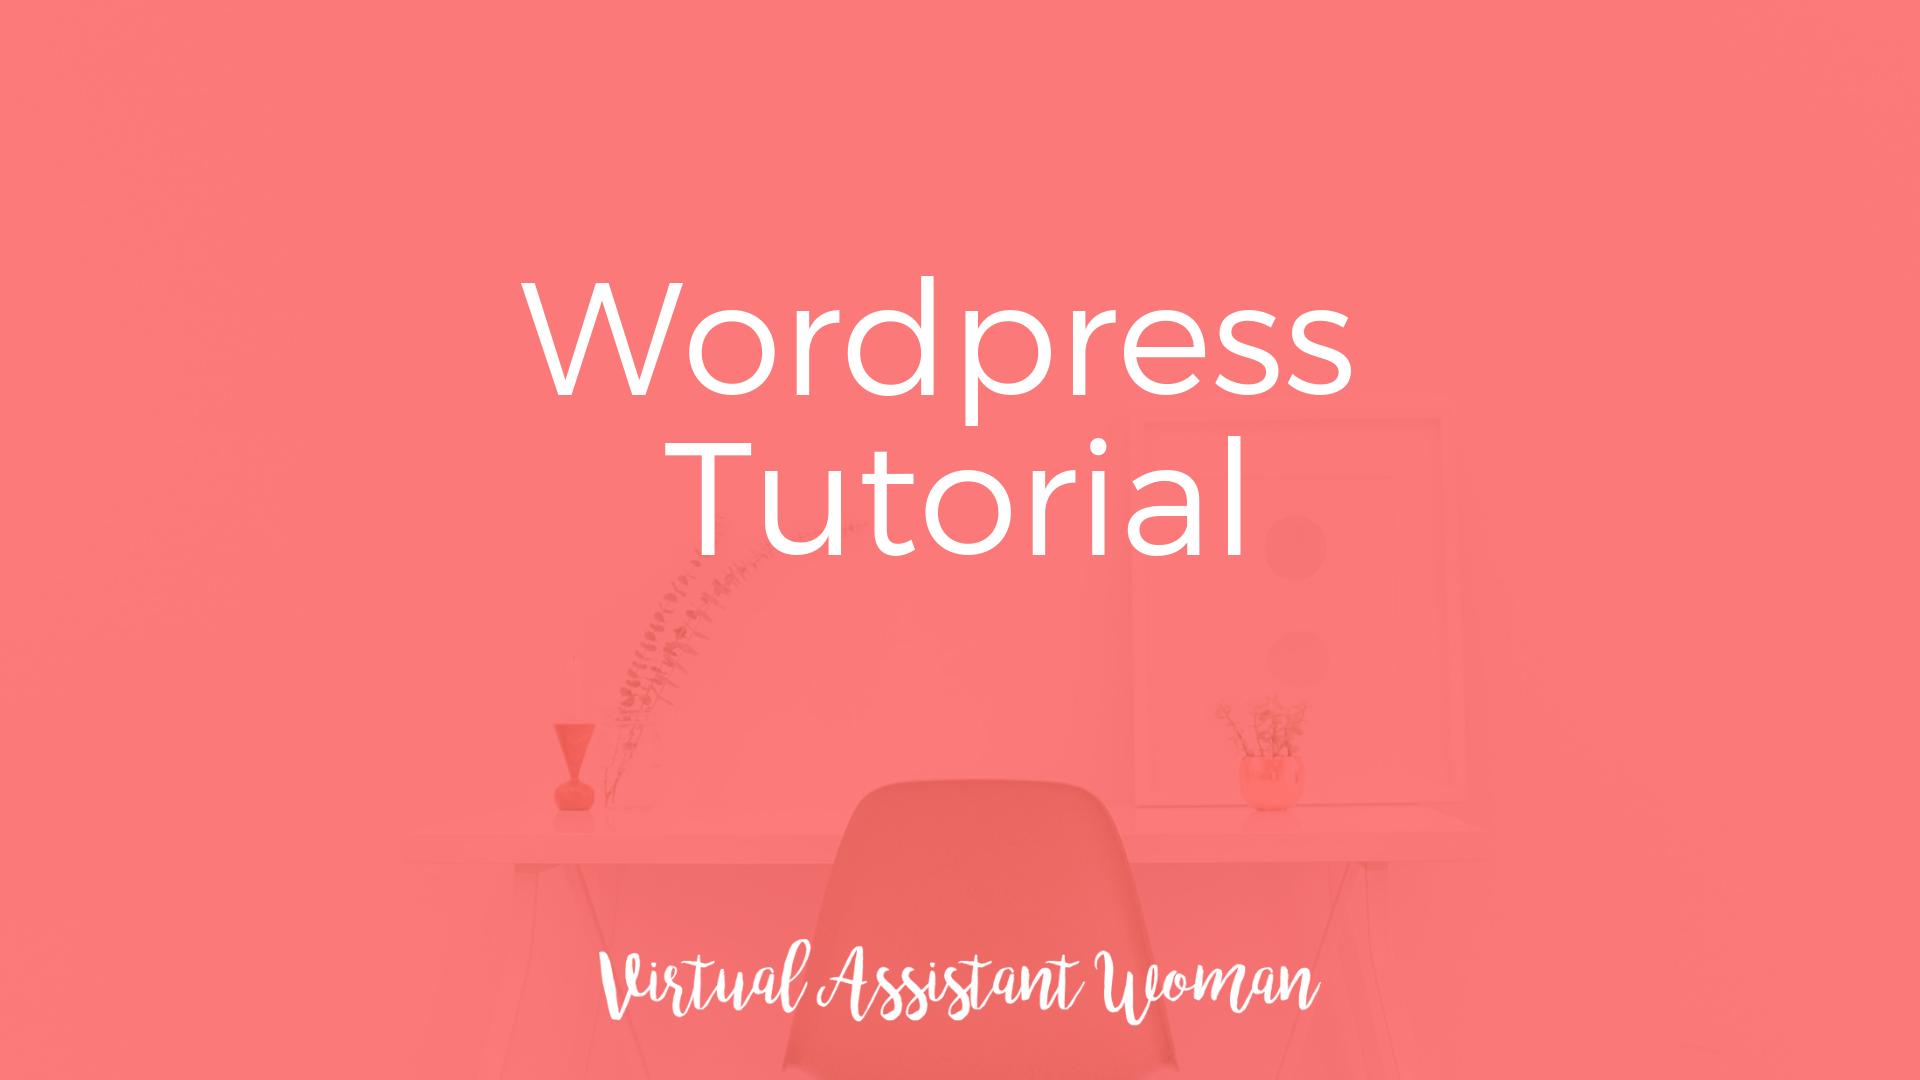 virtuelle assistenz onlinekurs wordpress